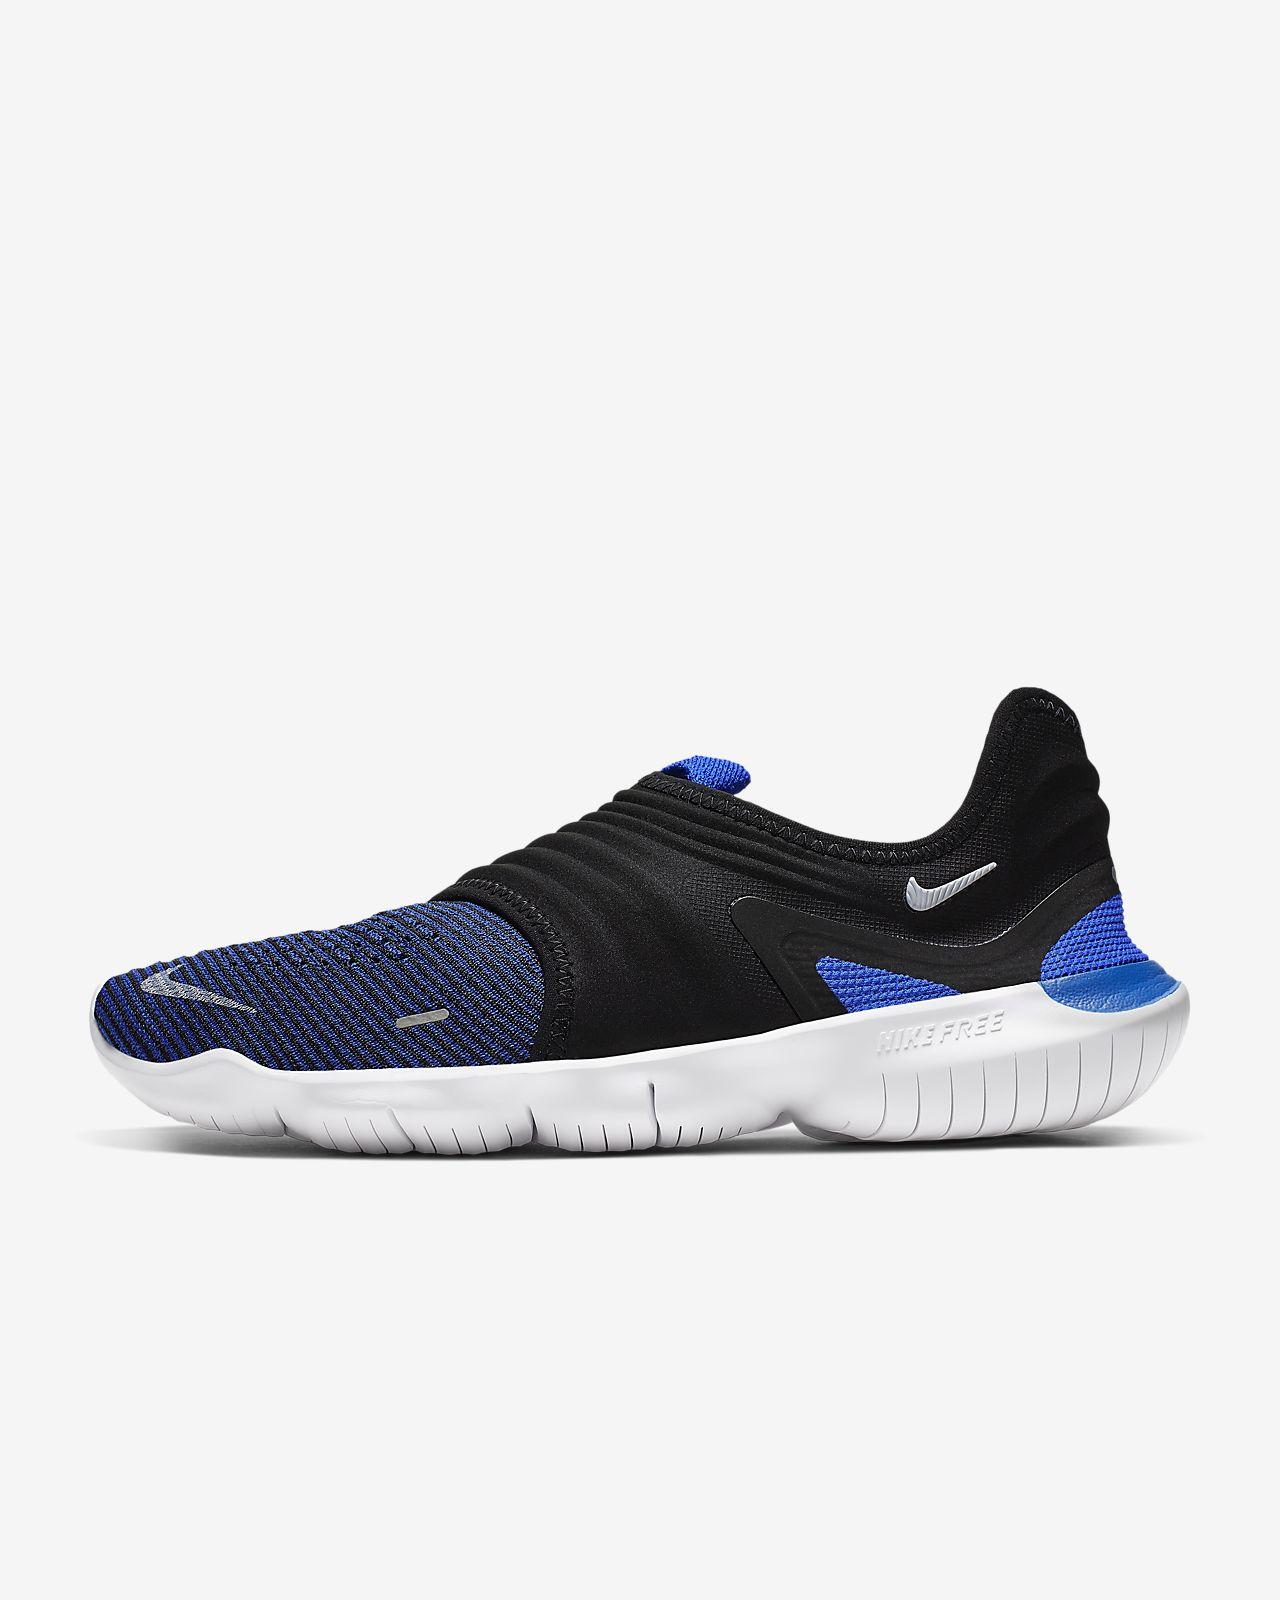 on sale d0d87 520a3 Nike Free RN Flyknit 3.0 Men's Running Shoe